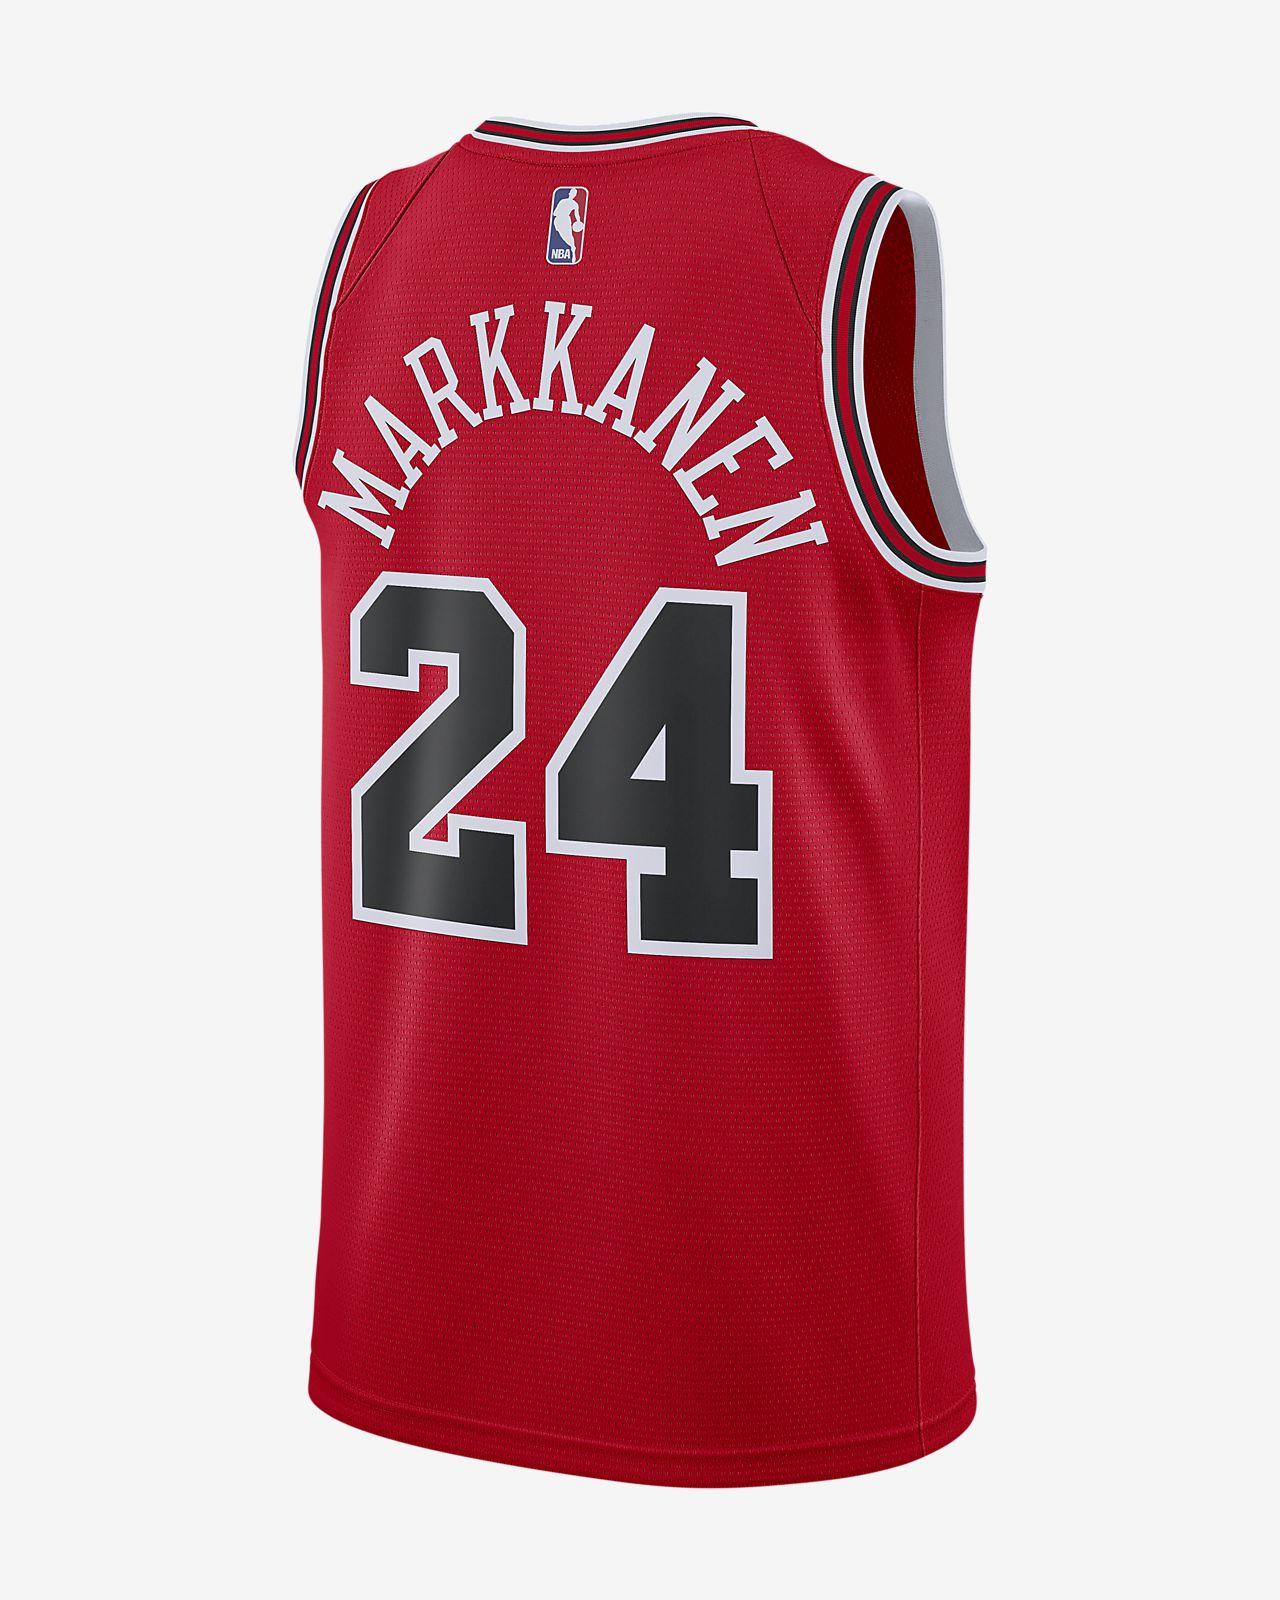 ... Camiseta conectada Nike NBA para hombre Lauri Markkanen Icon Edition  Swingman (Chicago Bulls) 3baea350110